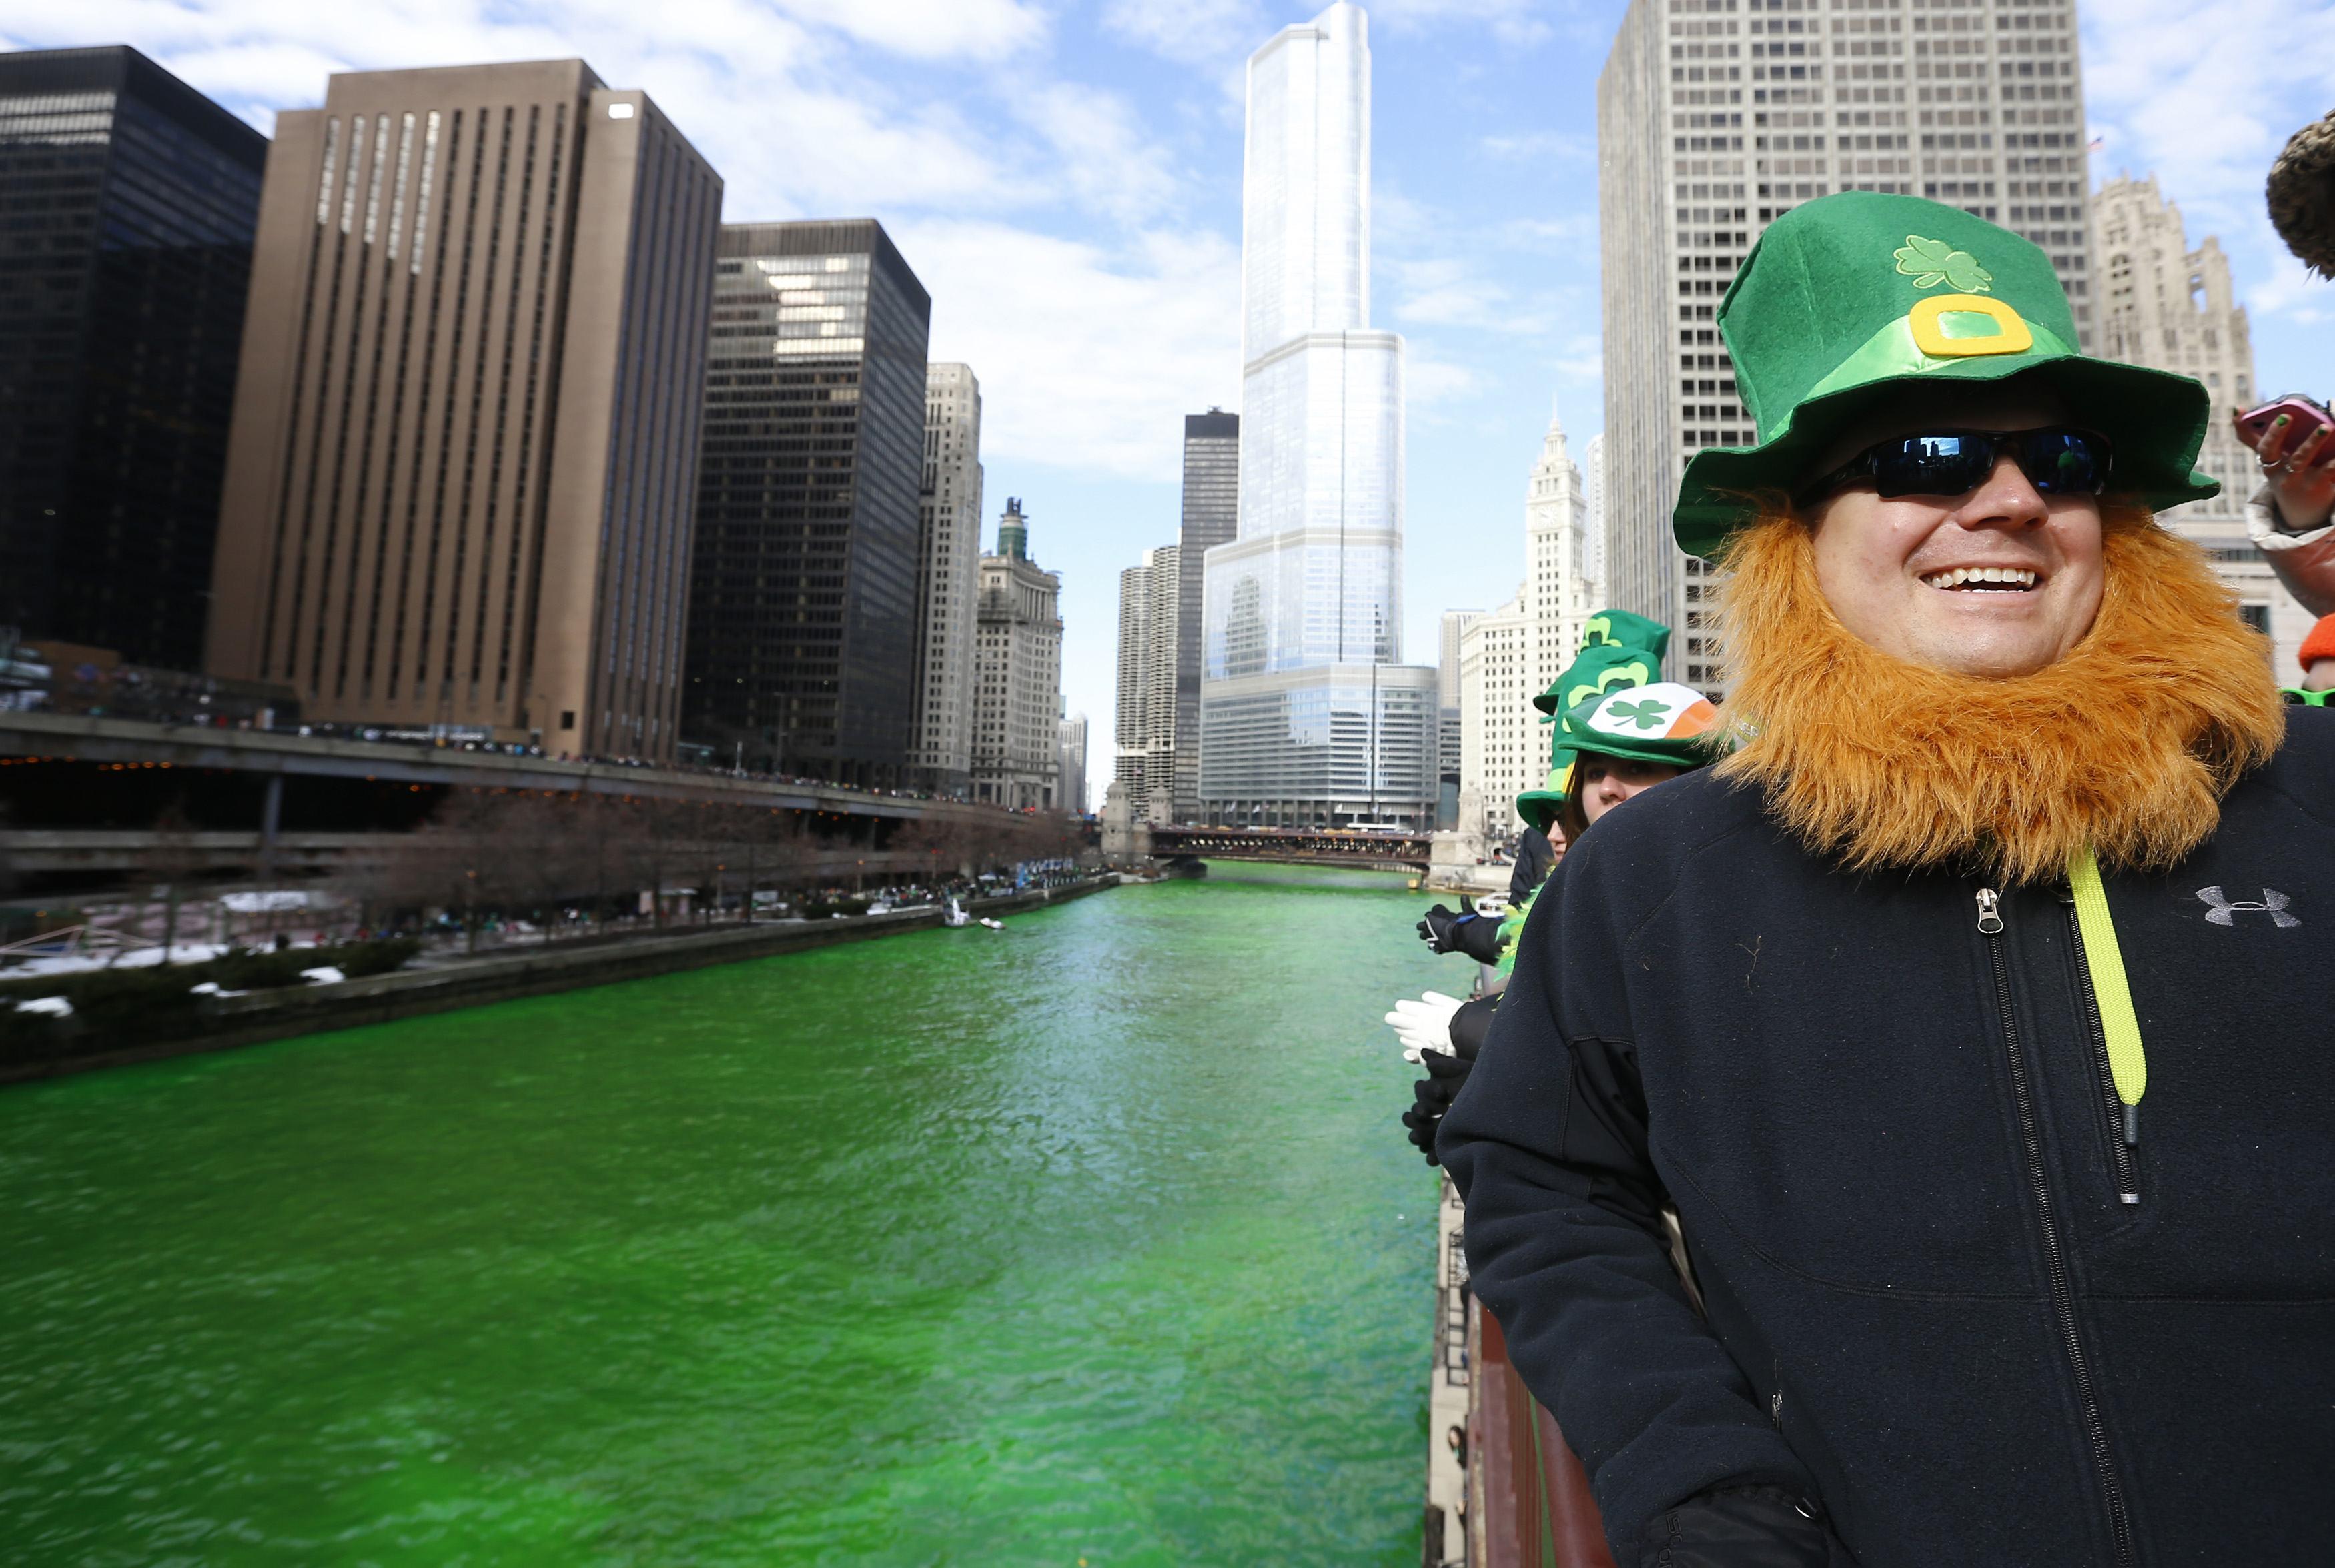 Homem vestido de duende posa para foto perto do rio Chicago, que ganha coloração verde, uma tradição da festa pelo Dia de São Patricio | Jim Young/Reuters